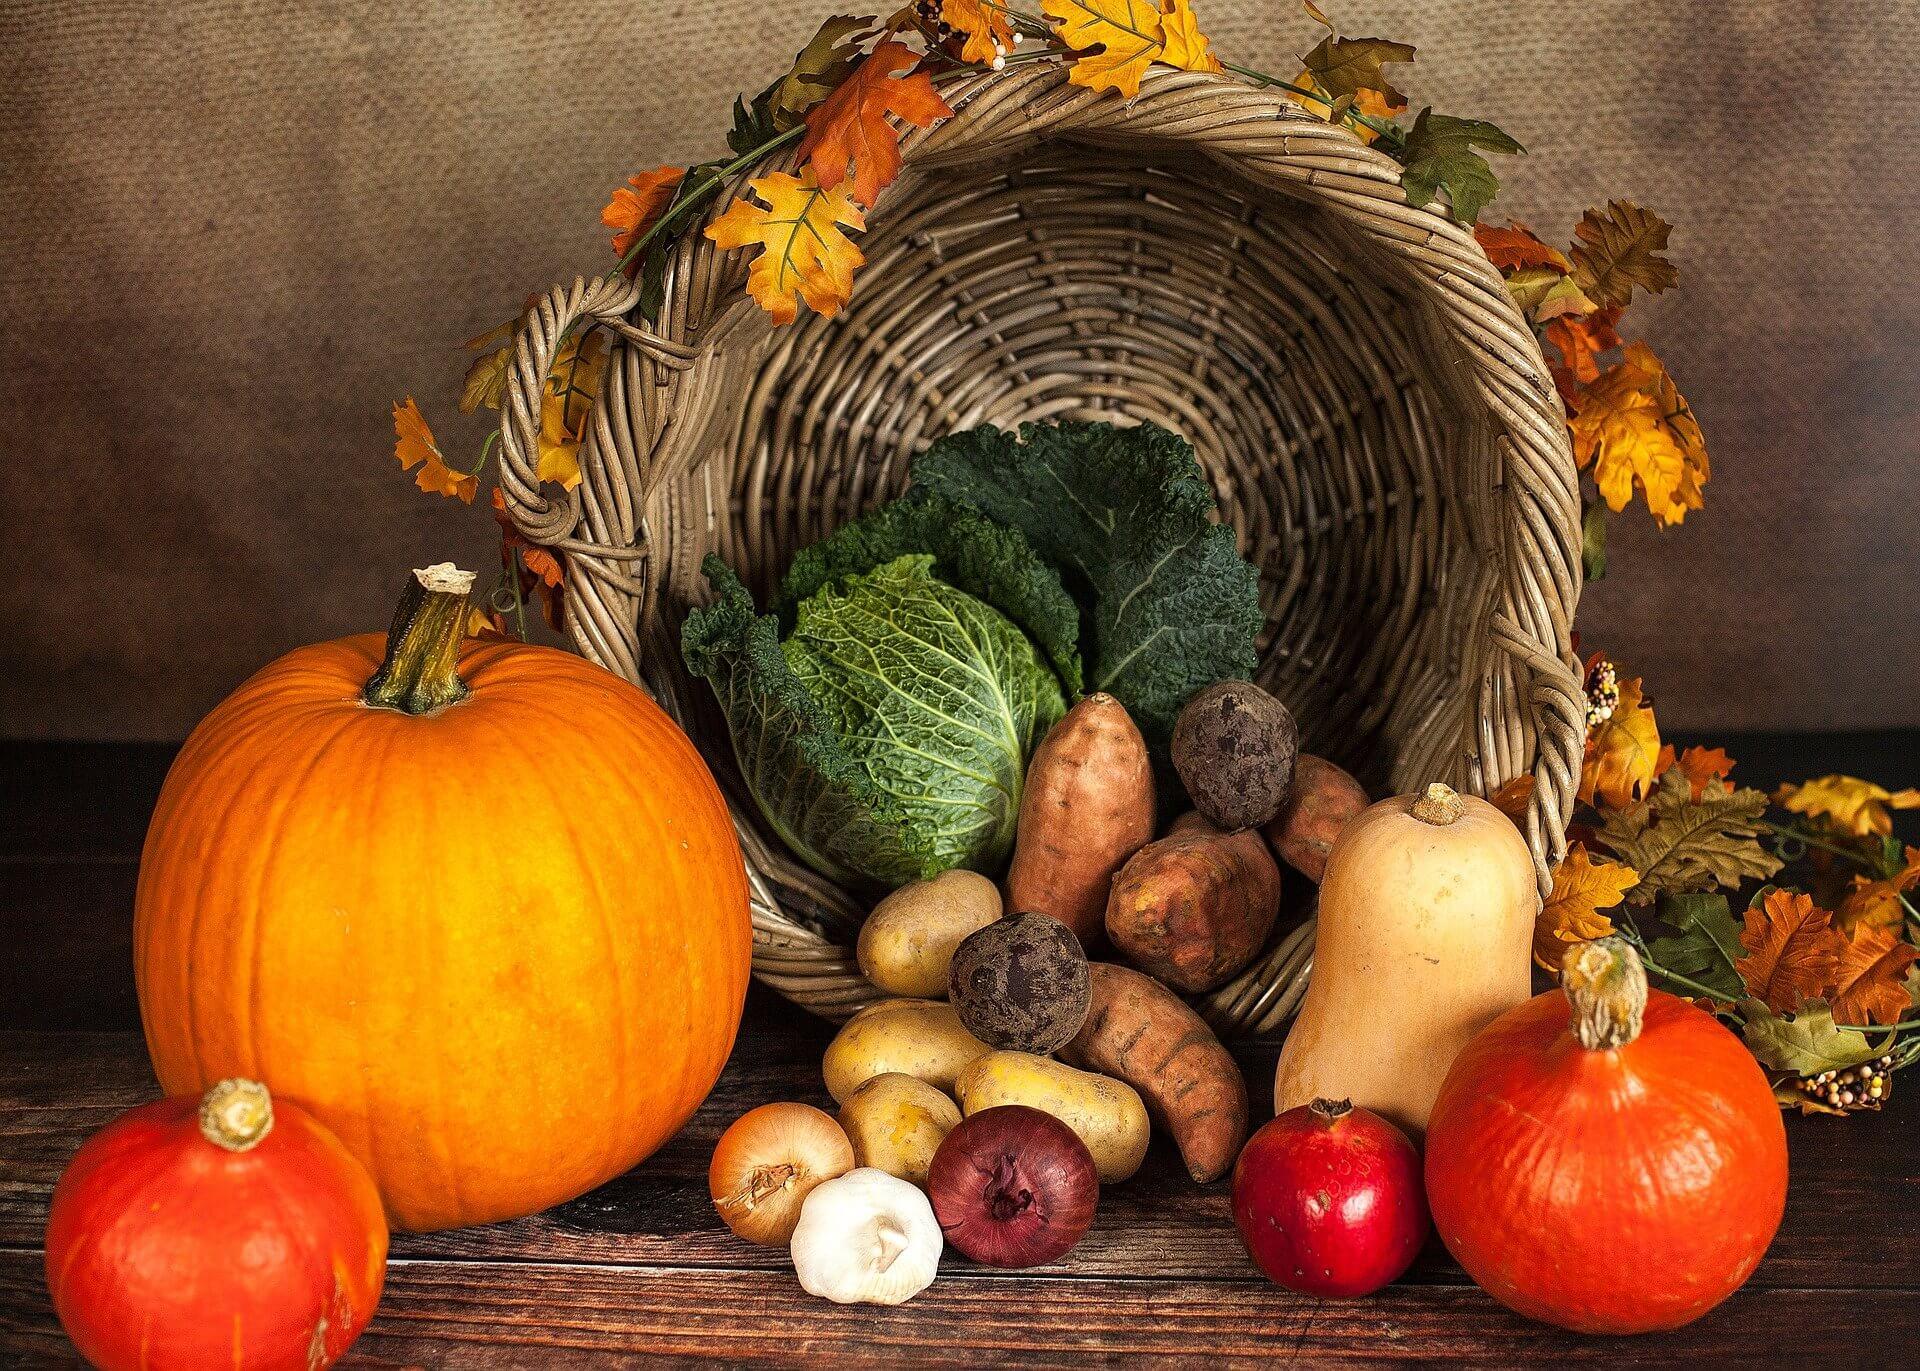 Les légumes et accompagnements